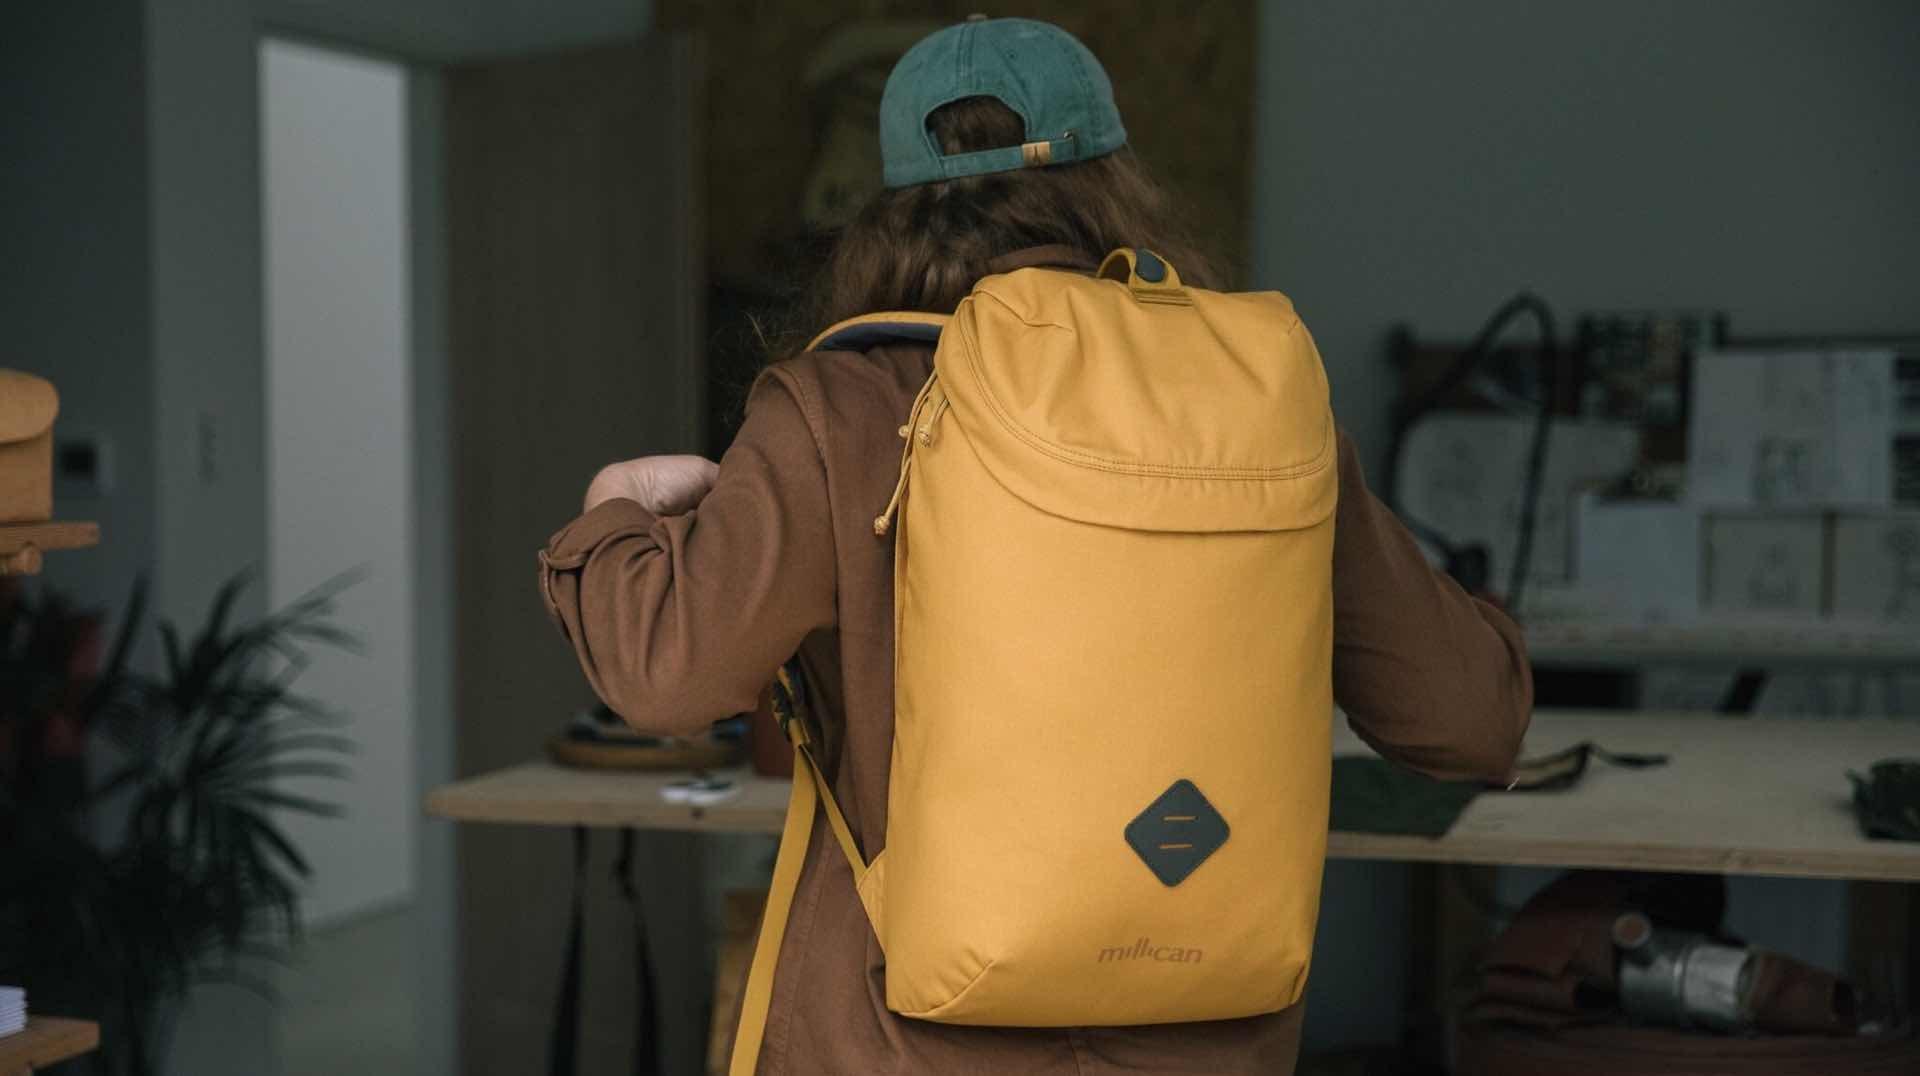 millican-oli-the-zip-pack-backpack-gorse-2